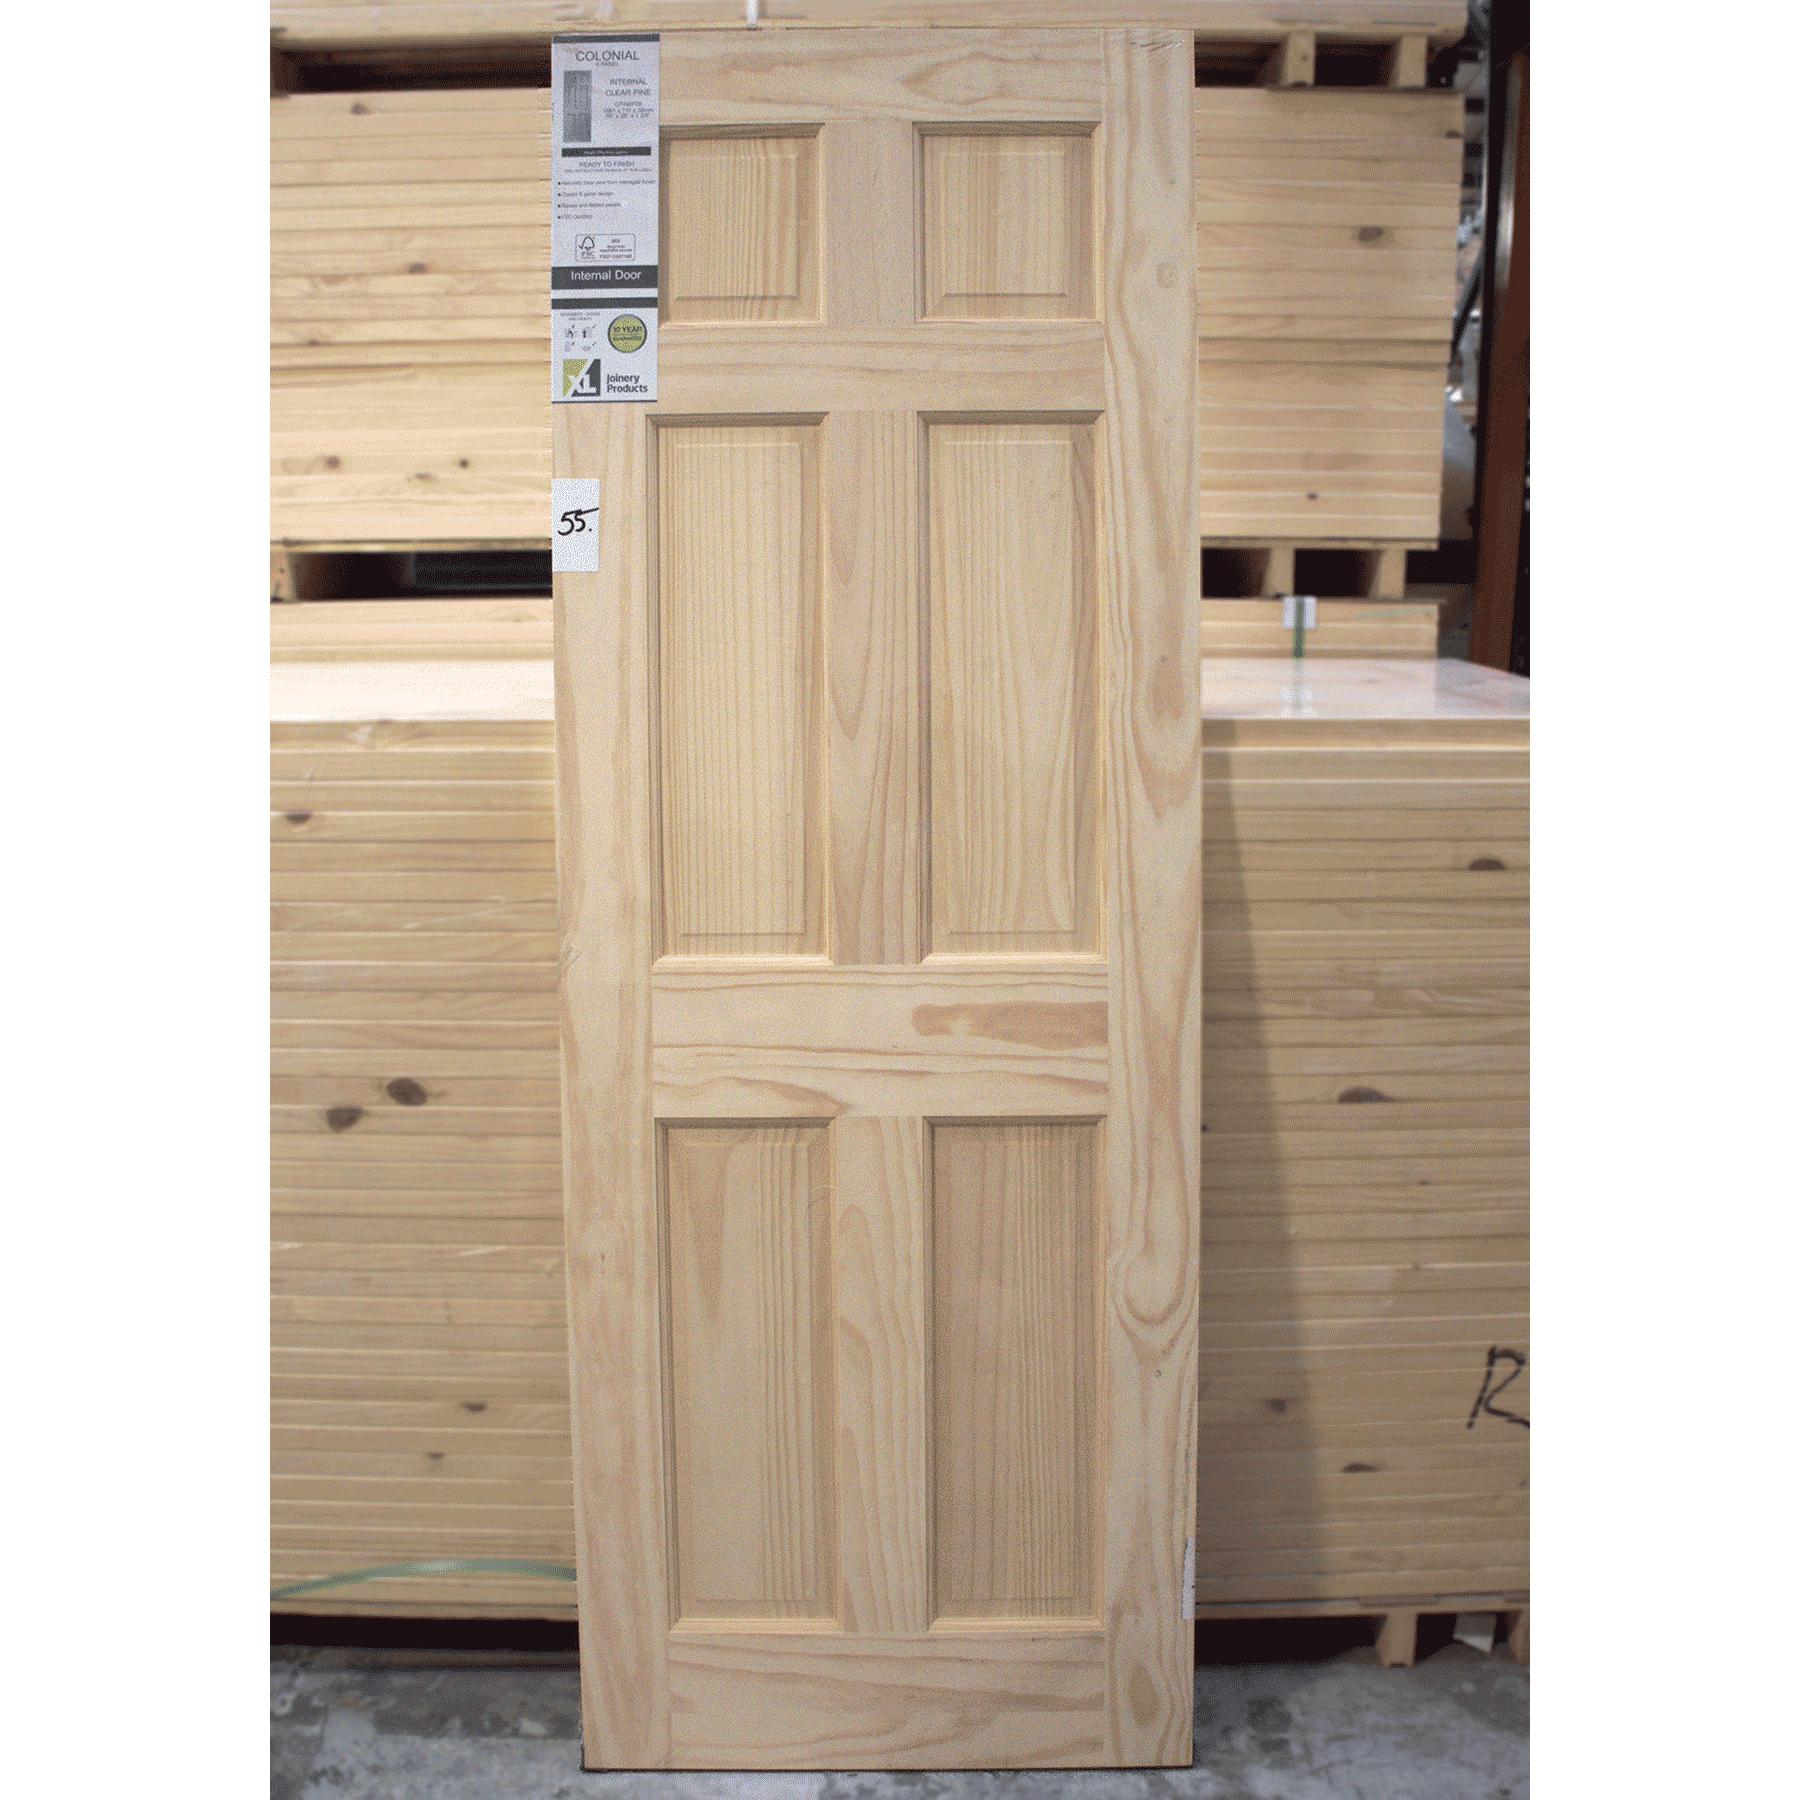 clearance door 55